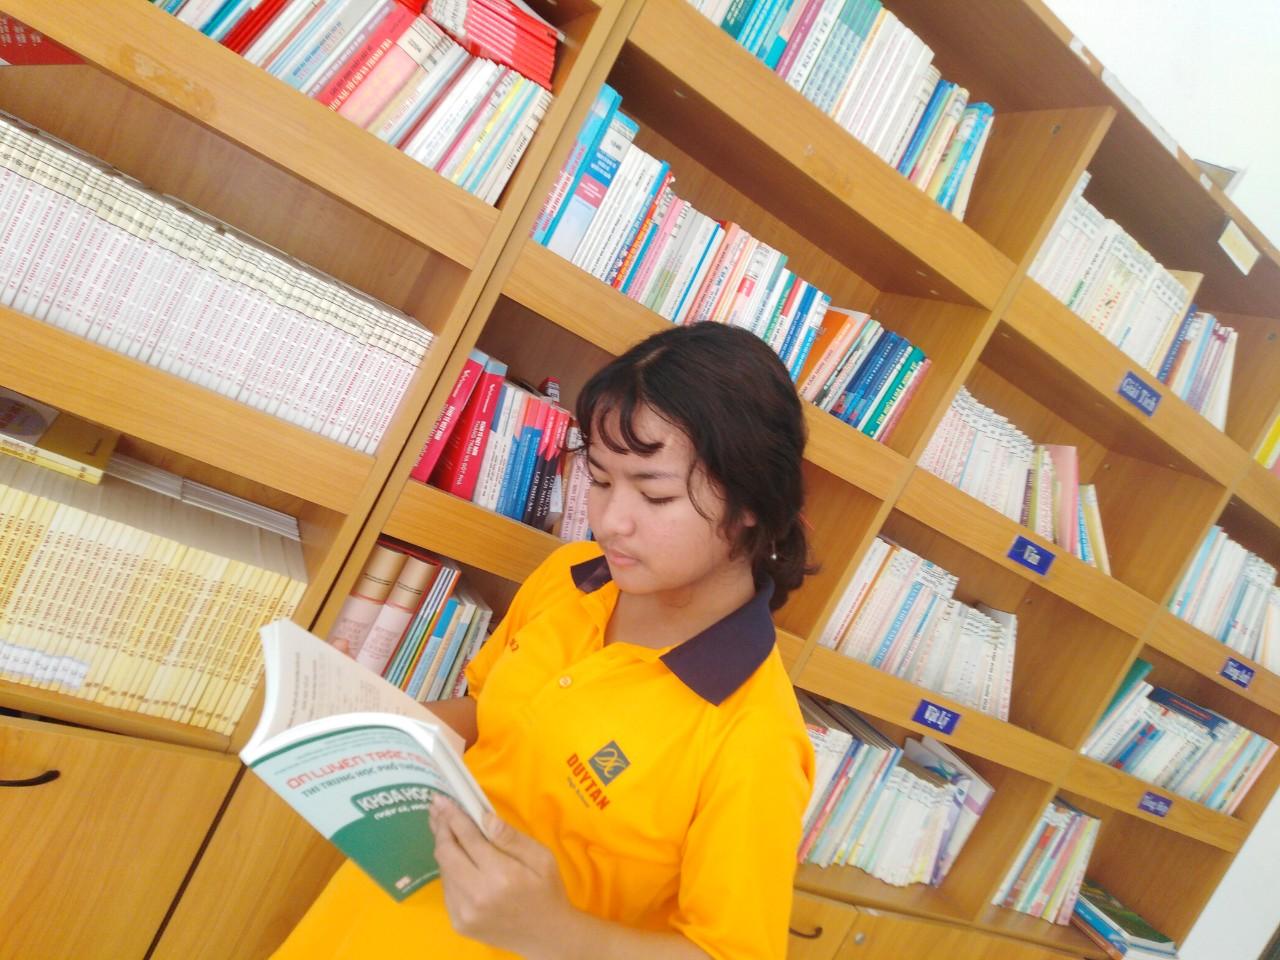 Trường THCS, THPT Duy Tân cùng cộng đồng xã hội hưởng ứng Ngày Sách Việt Nam